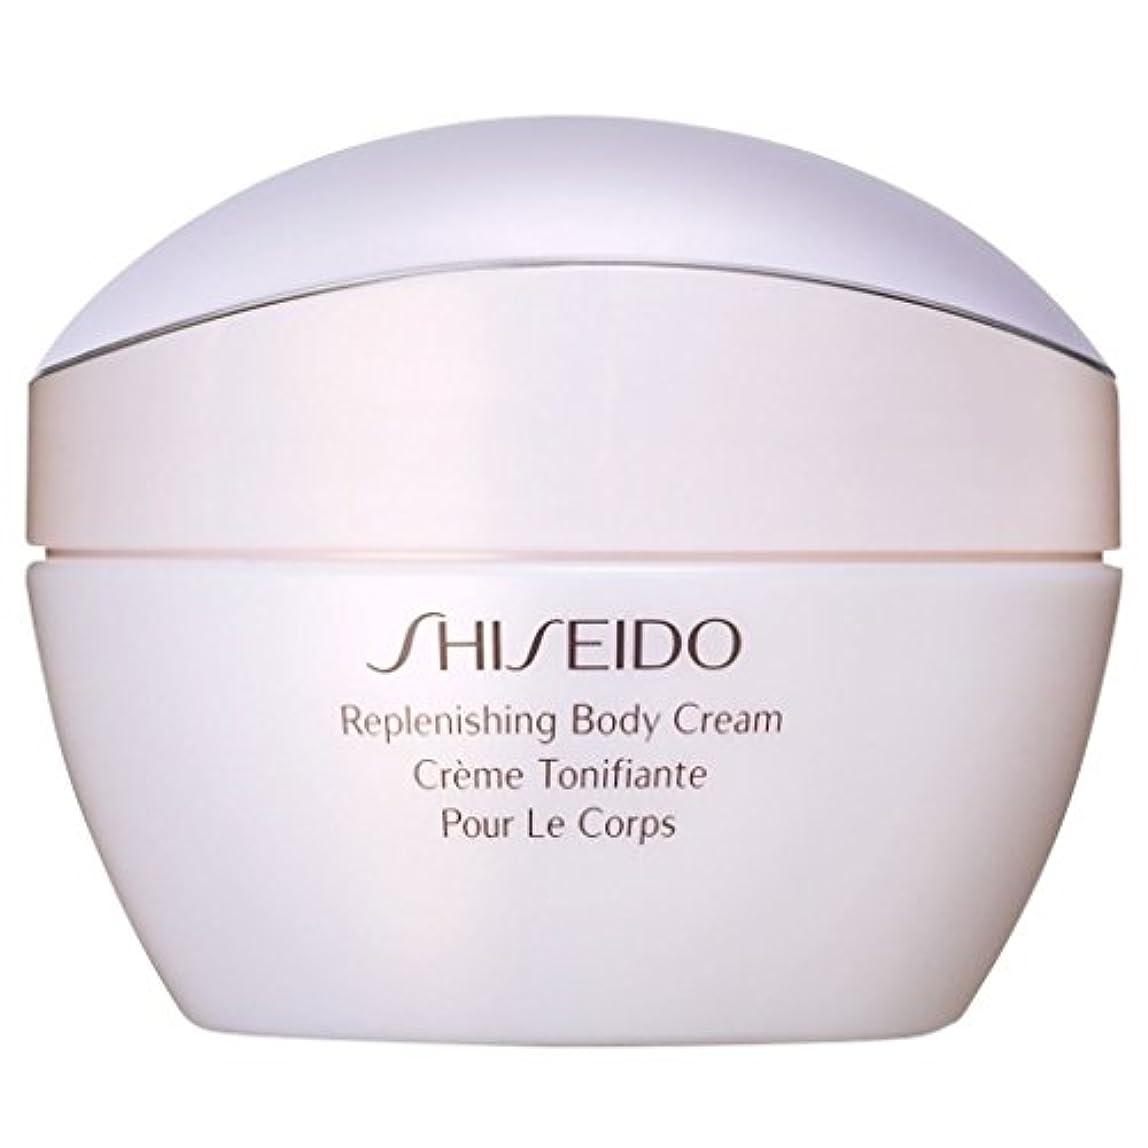 スロー実行するファランクス[Shiseido] 資生堂補充ボディクリーム200ミリリットル - Shiseido Replenishing Body Cream 200ml [並行輸入品]